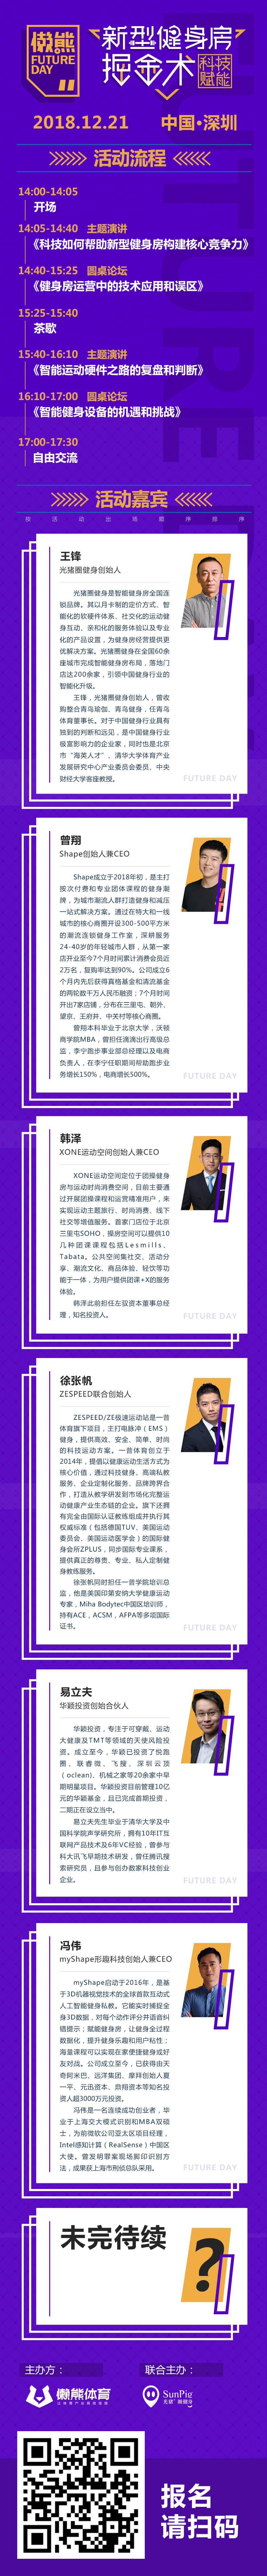 智能科技如何重塑了健身行业,12月21日我们到深圳聊聊 | 懒熊FutureDay